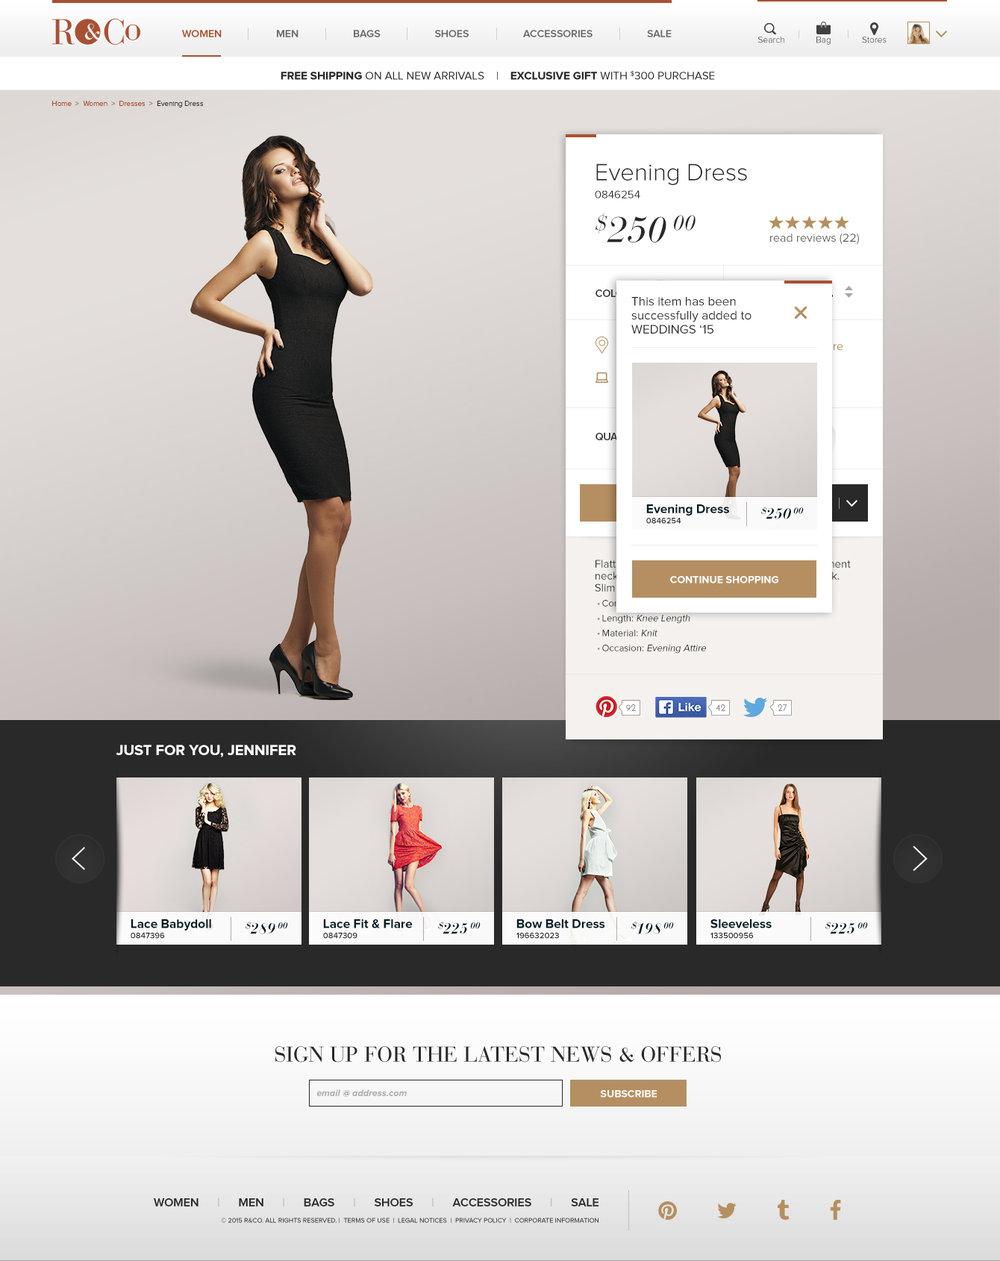 RCO_SG_04.0_0004_Dress 3 - Added.jpg